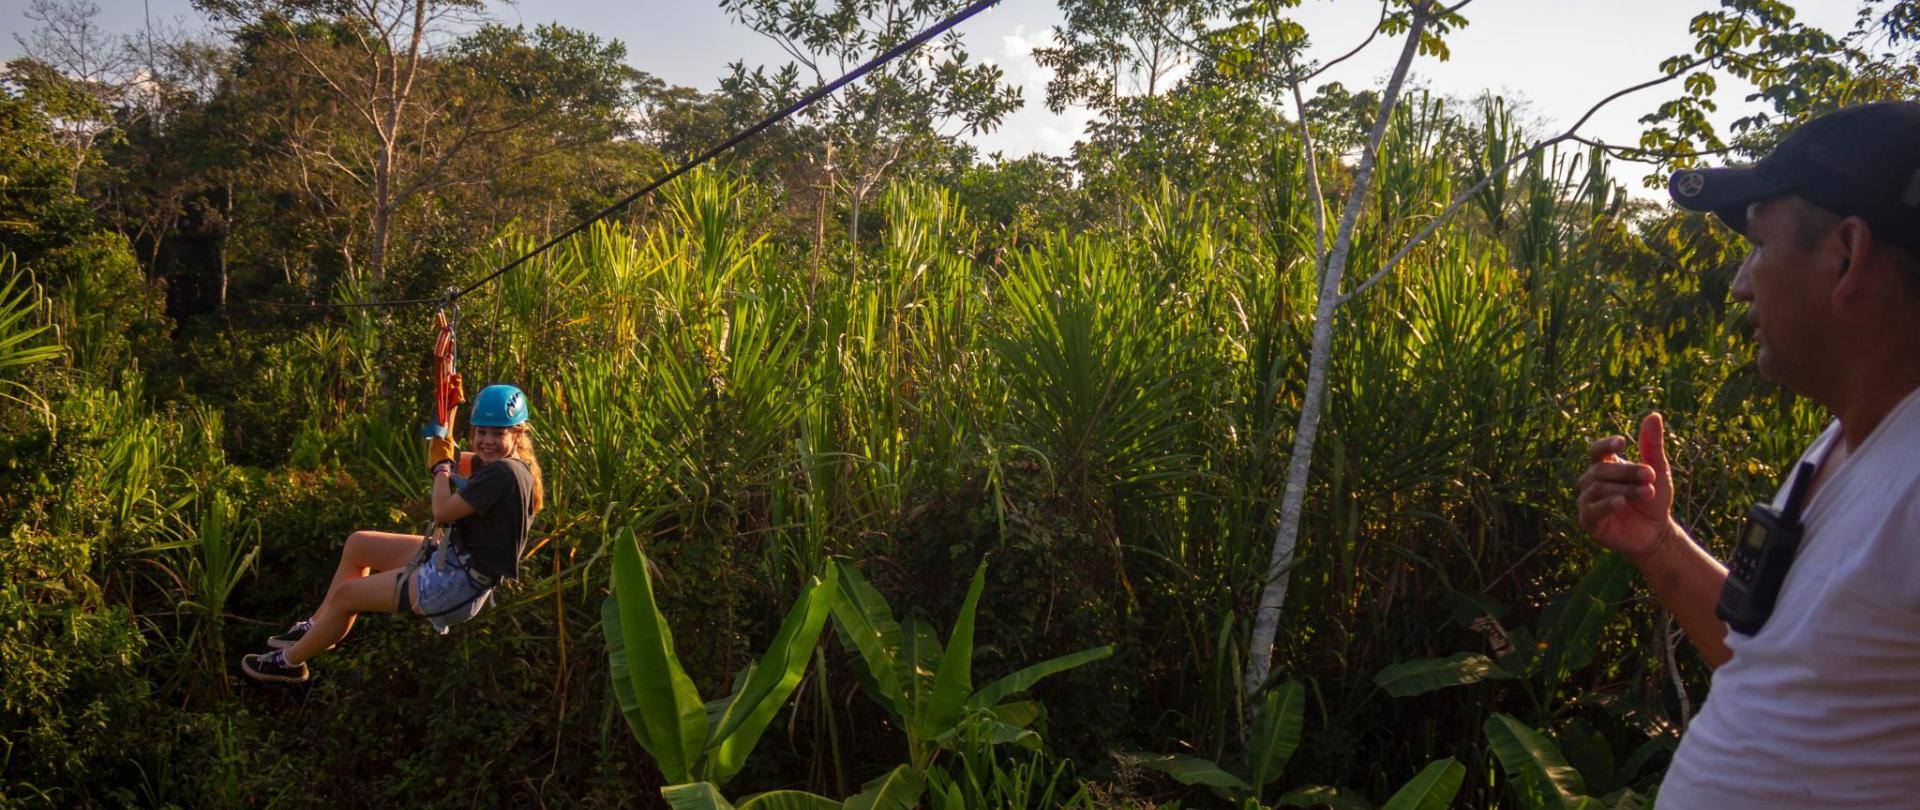 Tambopata River_21.jpg